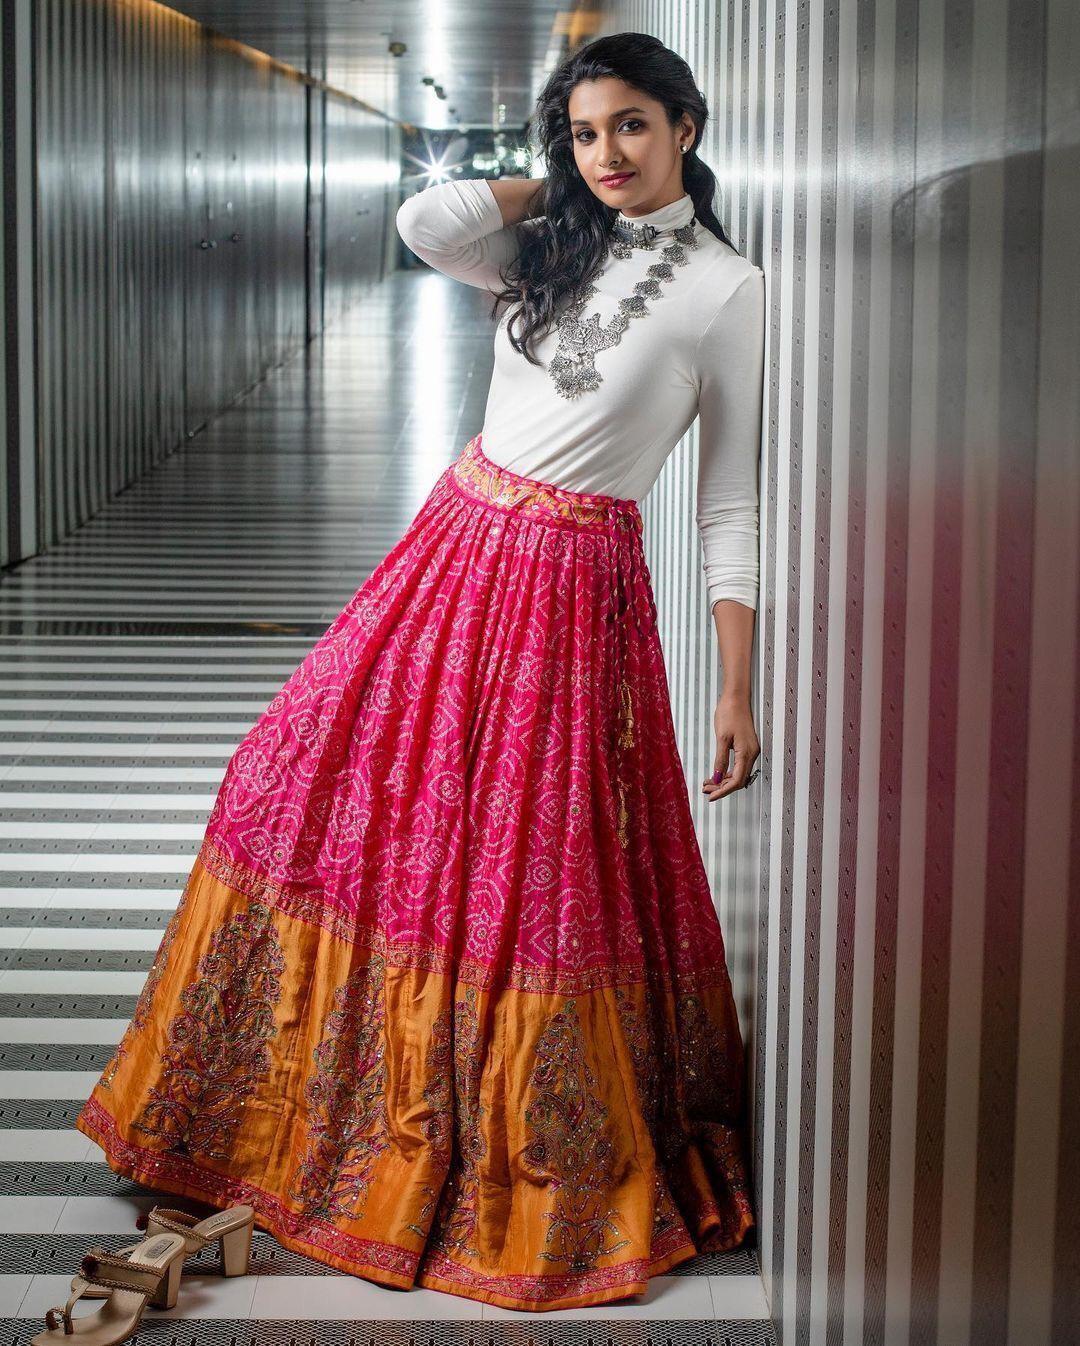 ക്യൂട്ട് ലുക്കില് പ്രിയ ഭവാനി ശങ്കര്: ചിത്രങ്ങള് കാണാം